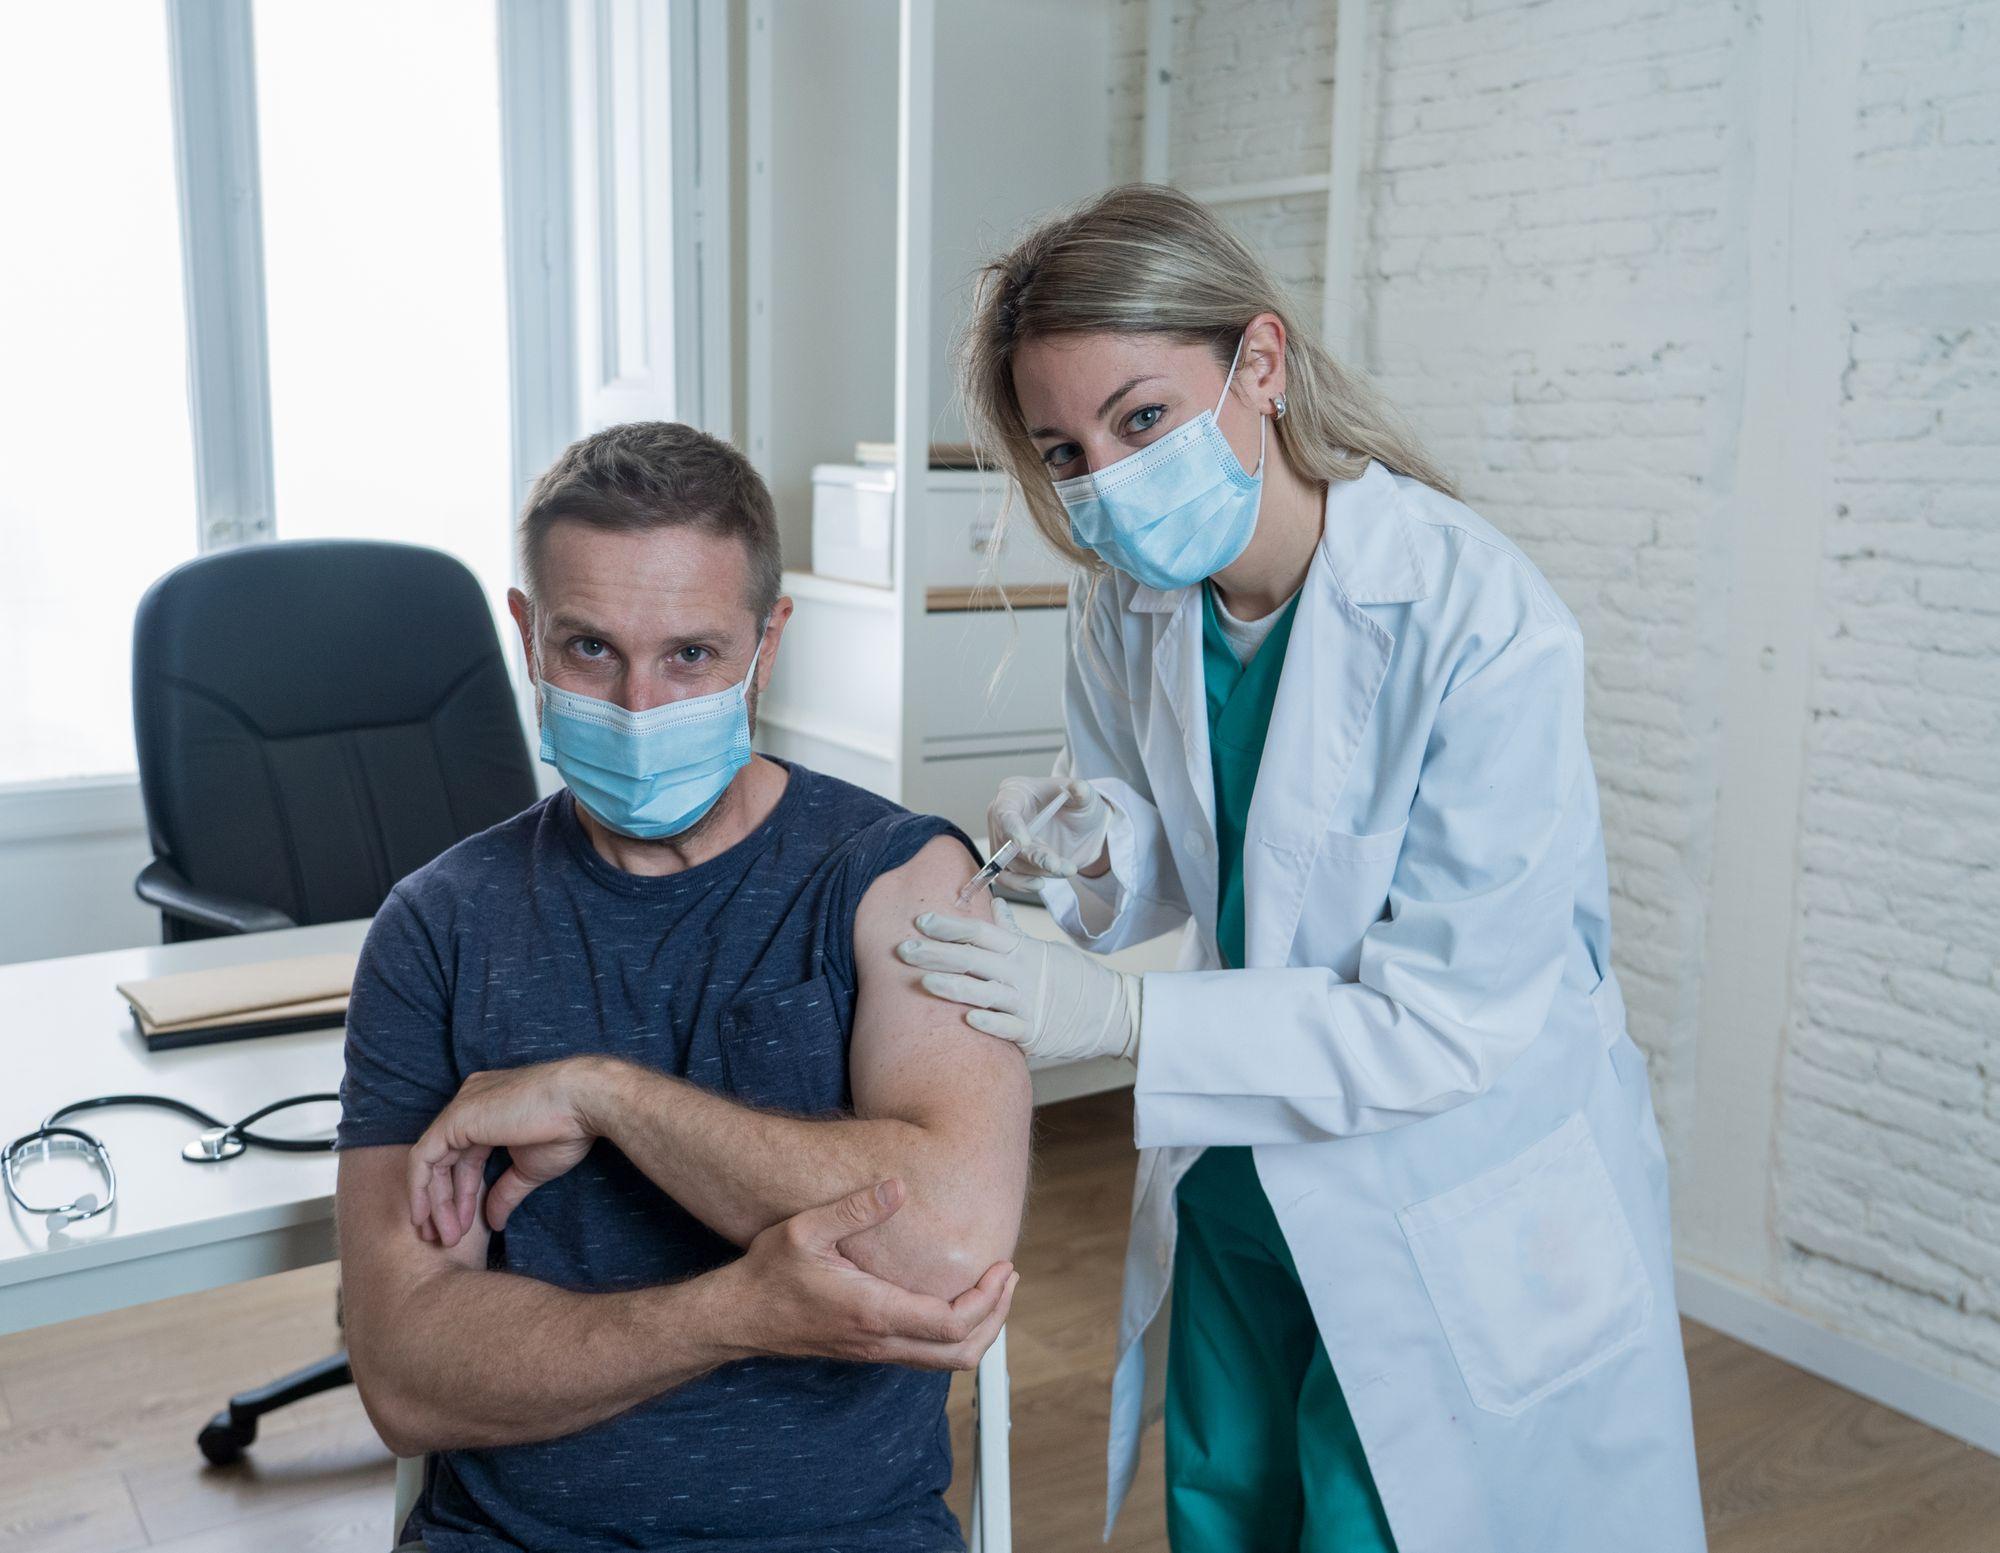 Saiba mais sobre a Vacinação Contra a COVID-19